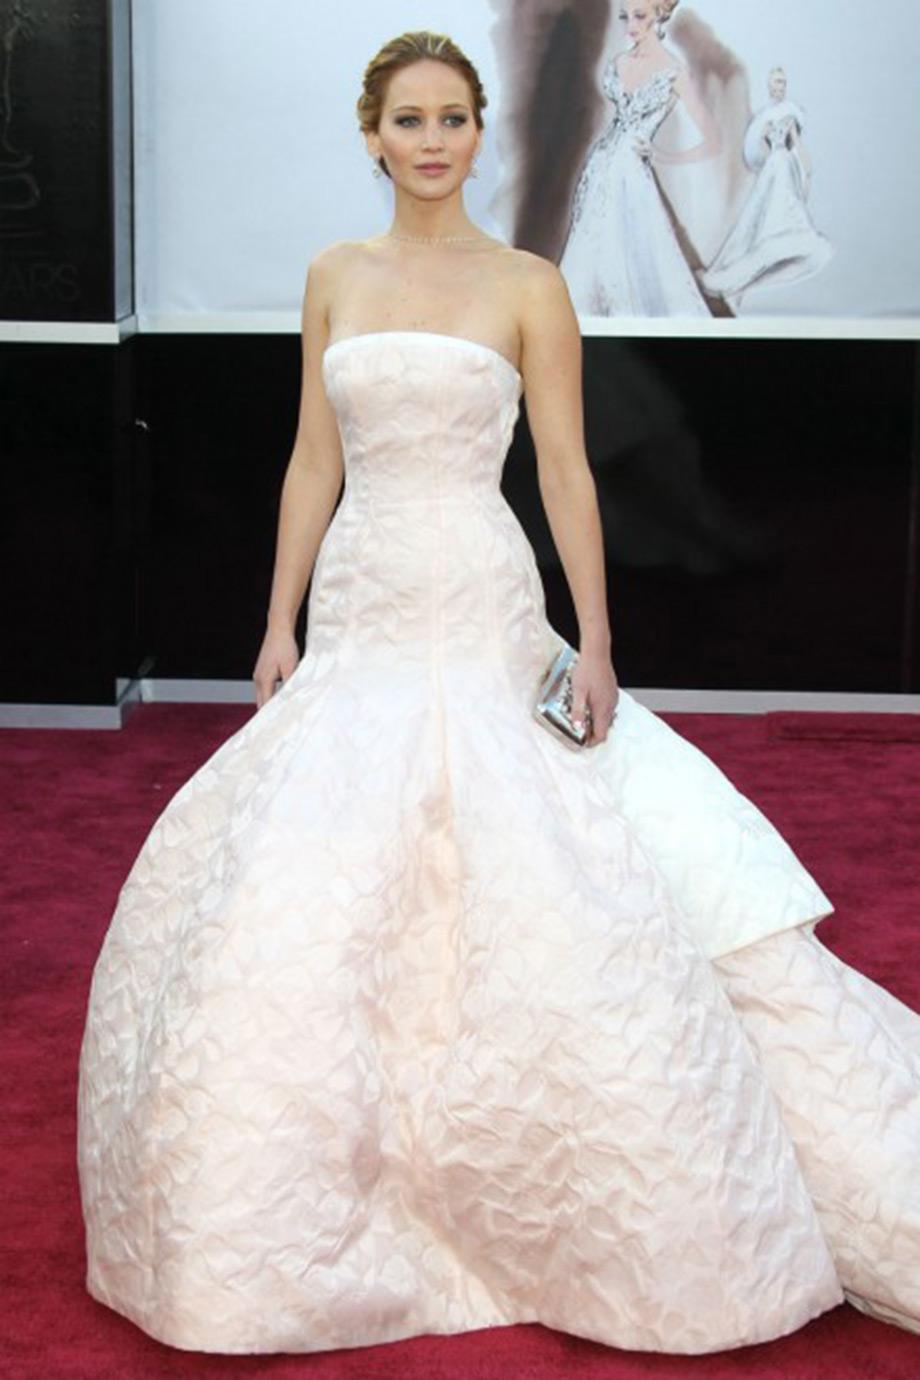 Η ιδιοκτήτρια του σπιτιού Jennifer Lawrence.